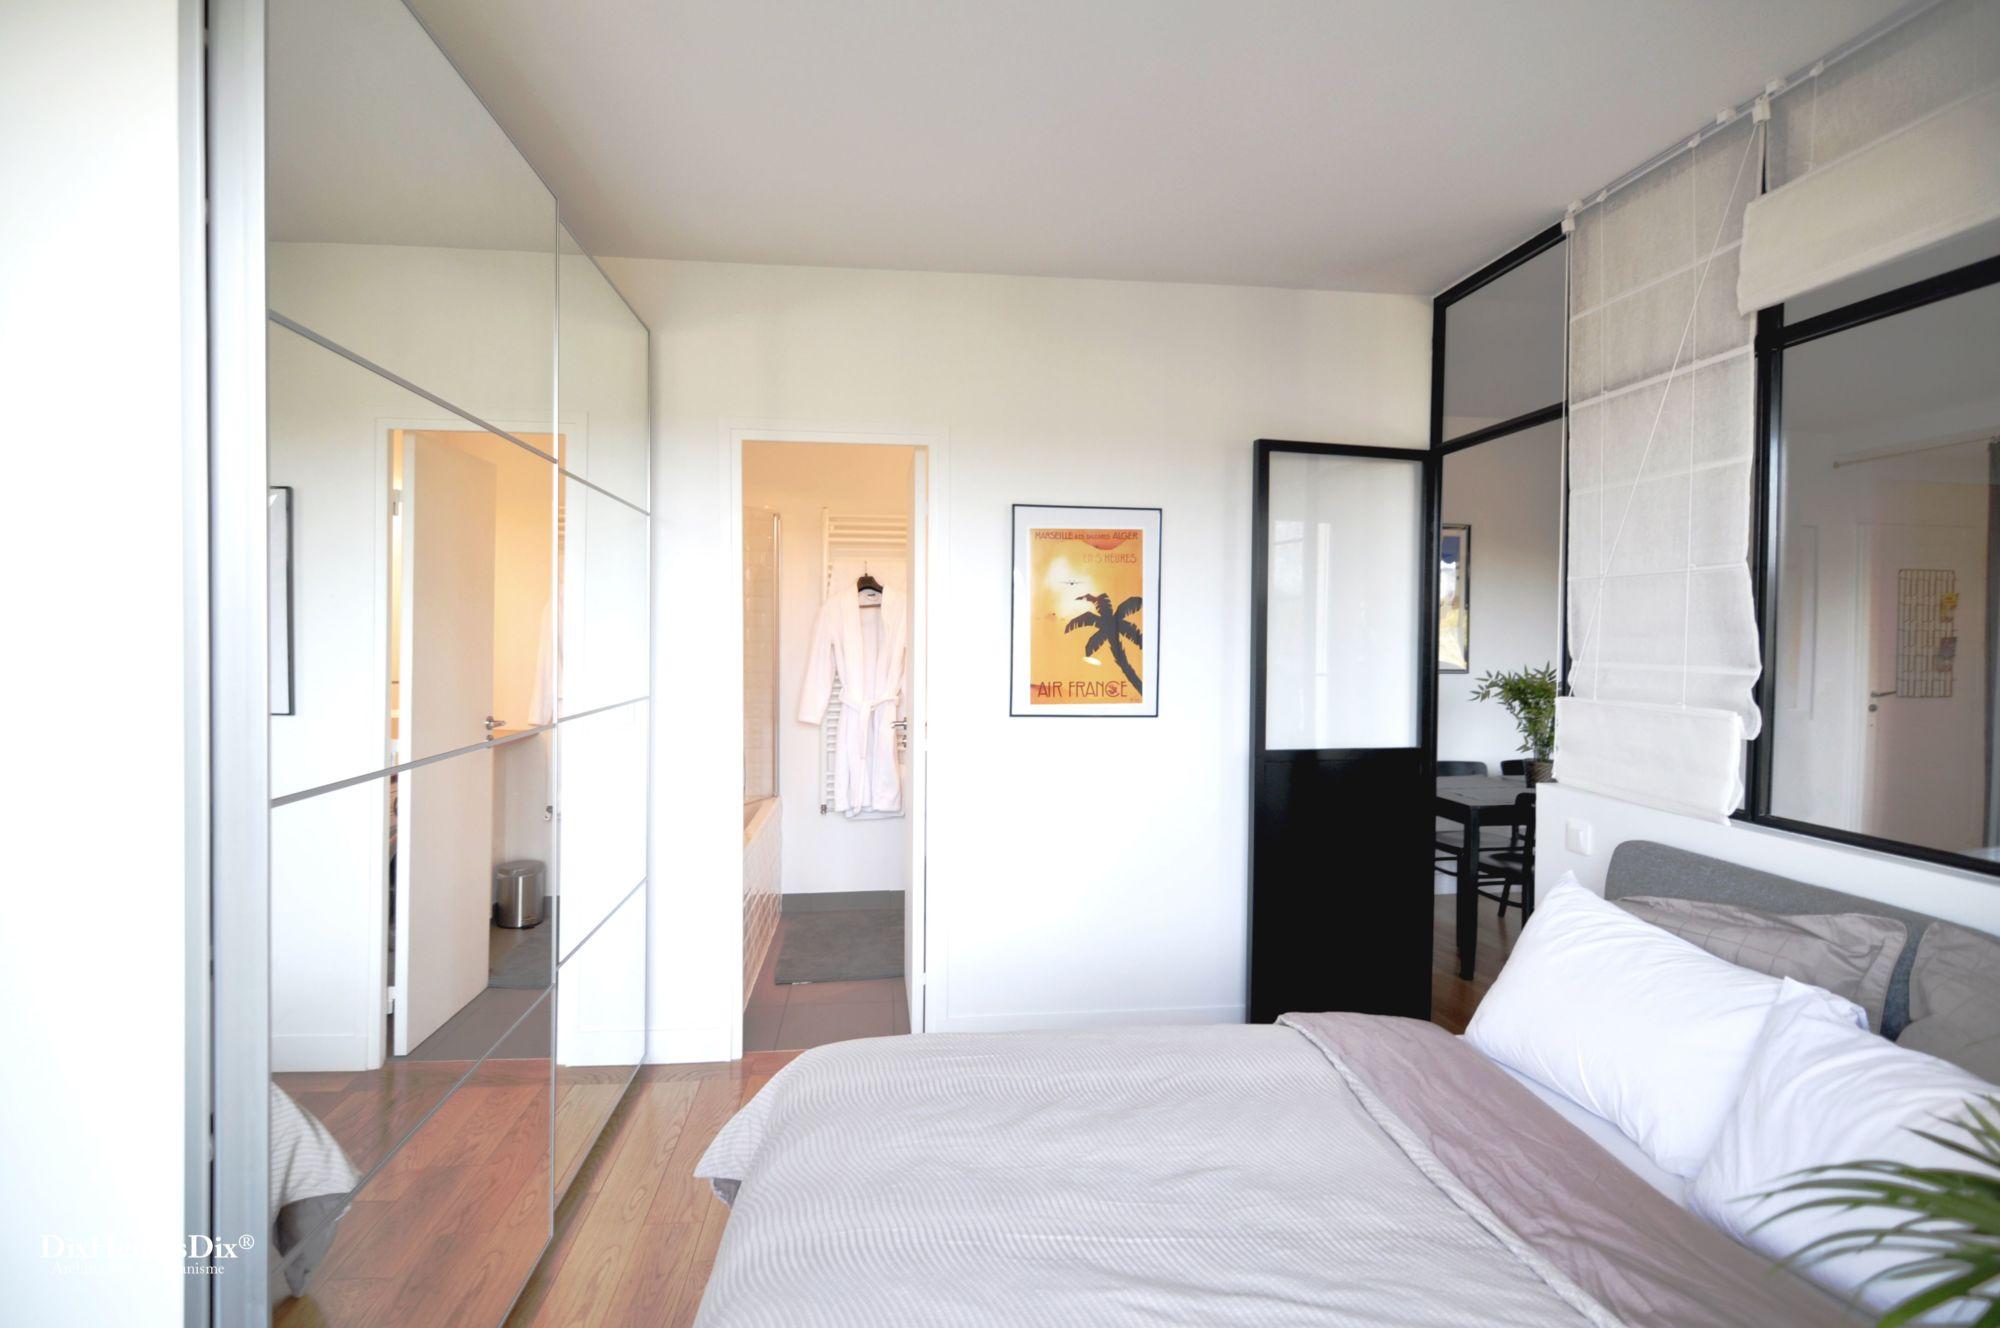 Vu de l'accès direct de la salle de bain par la chambre